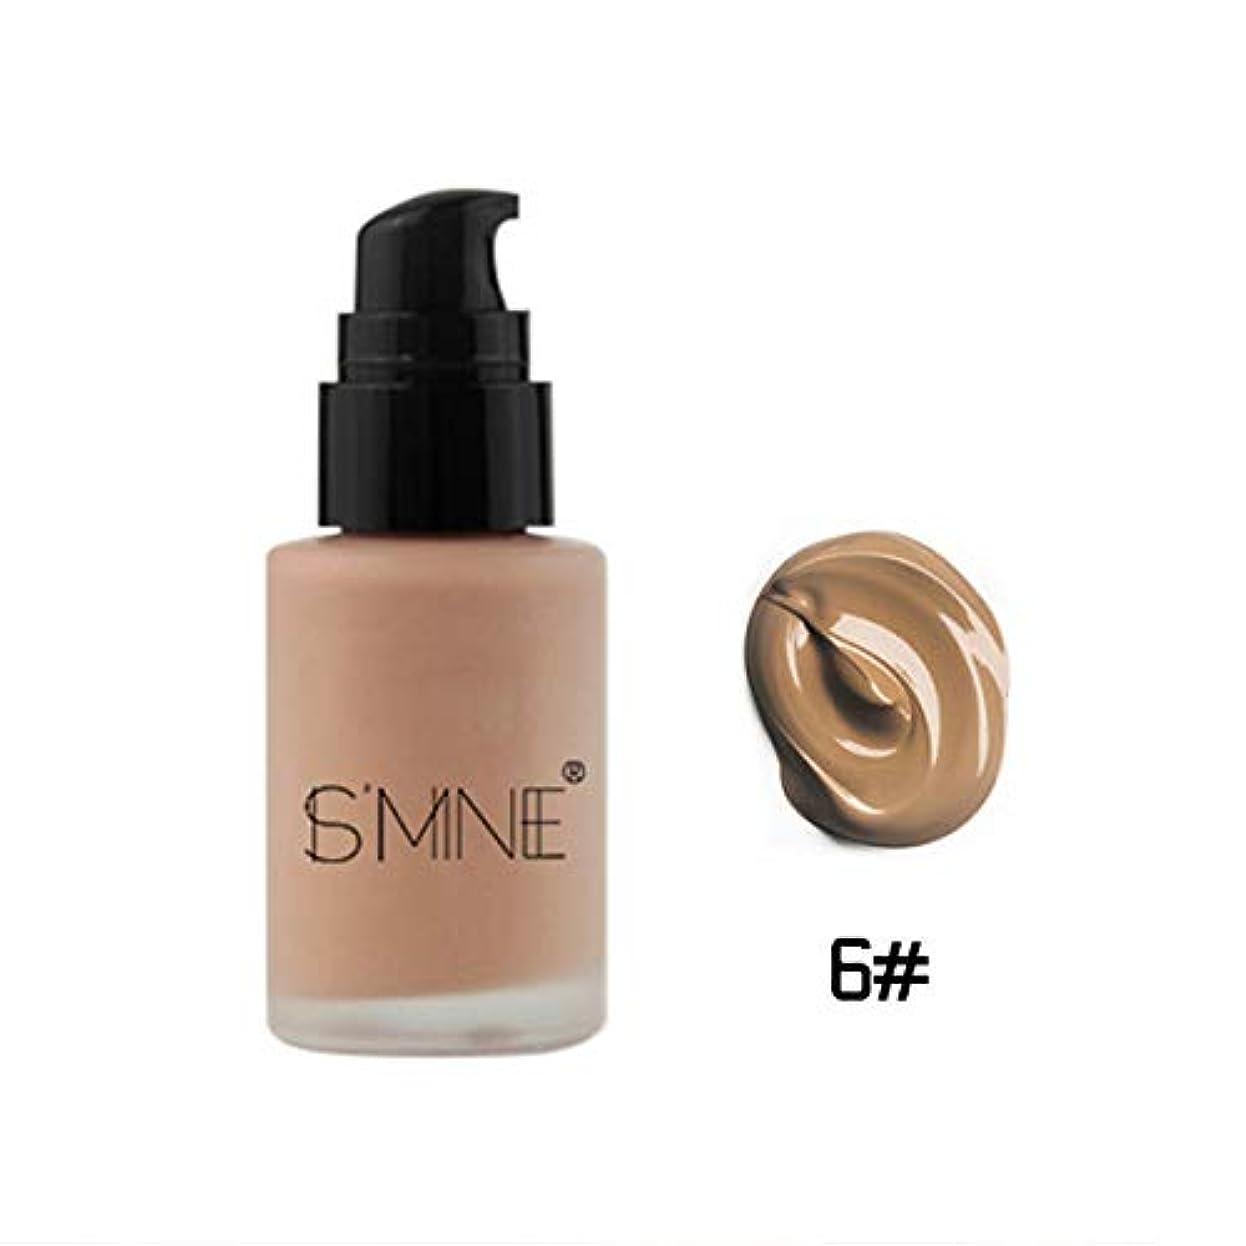 の頭の上利得敬意を表するSymboat BBクリーム 女性 フェイスコンシーラー 美白 保湿 防水 ロングラスティングメイクアップ 健康的な自然な肌色 素肌感 化粧品